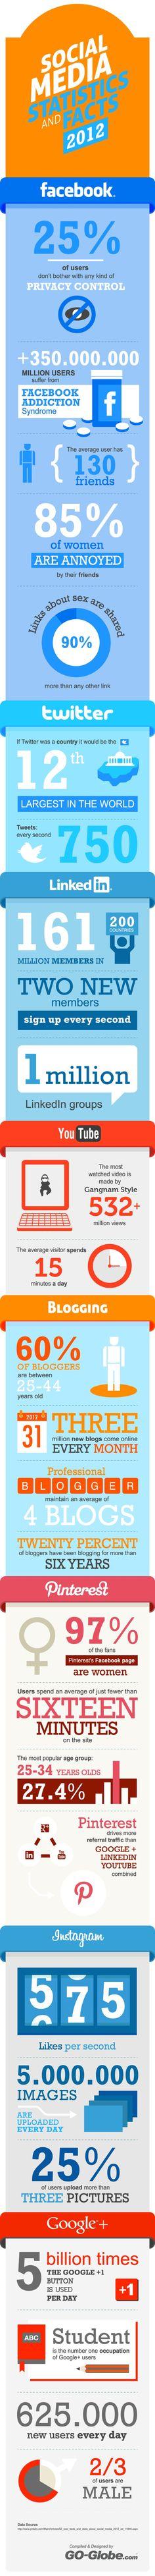 Social Media Statistics 2012,,, http://boostsocialmedia.net/